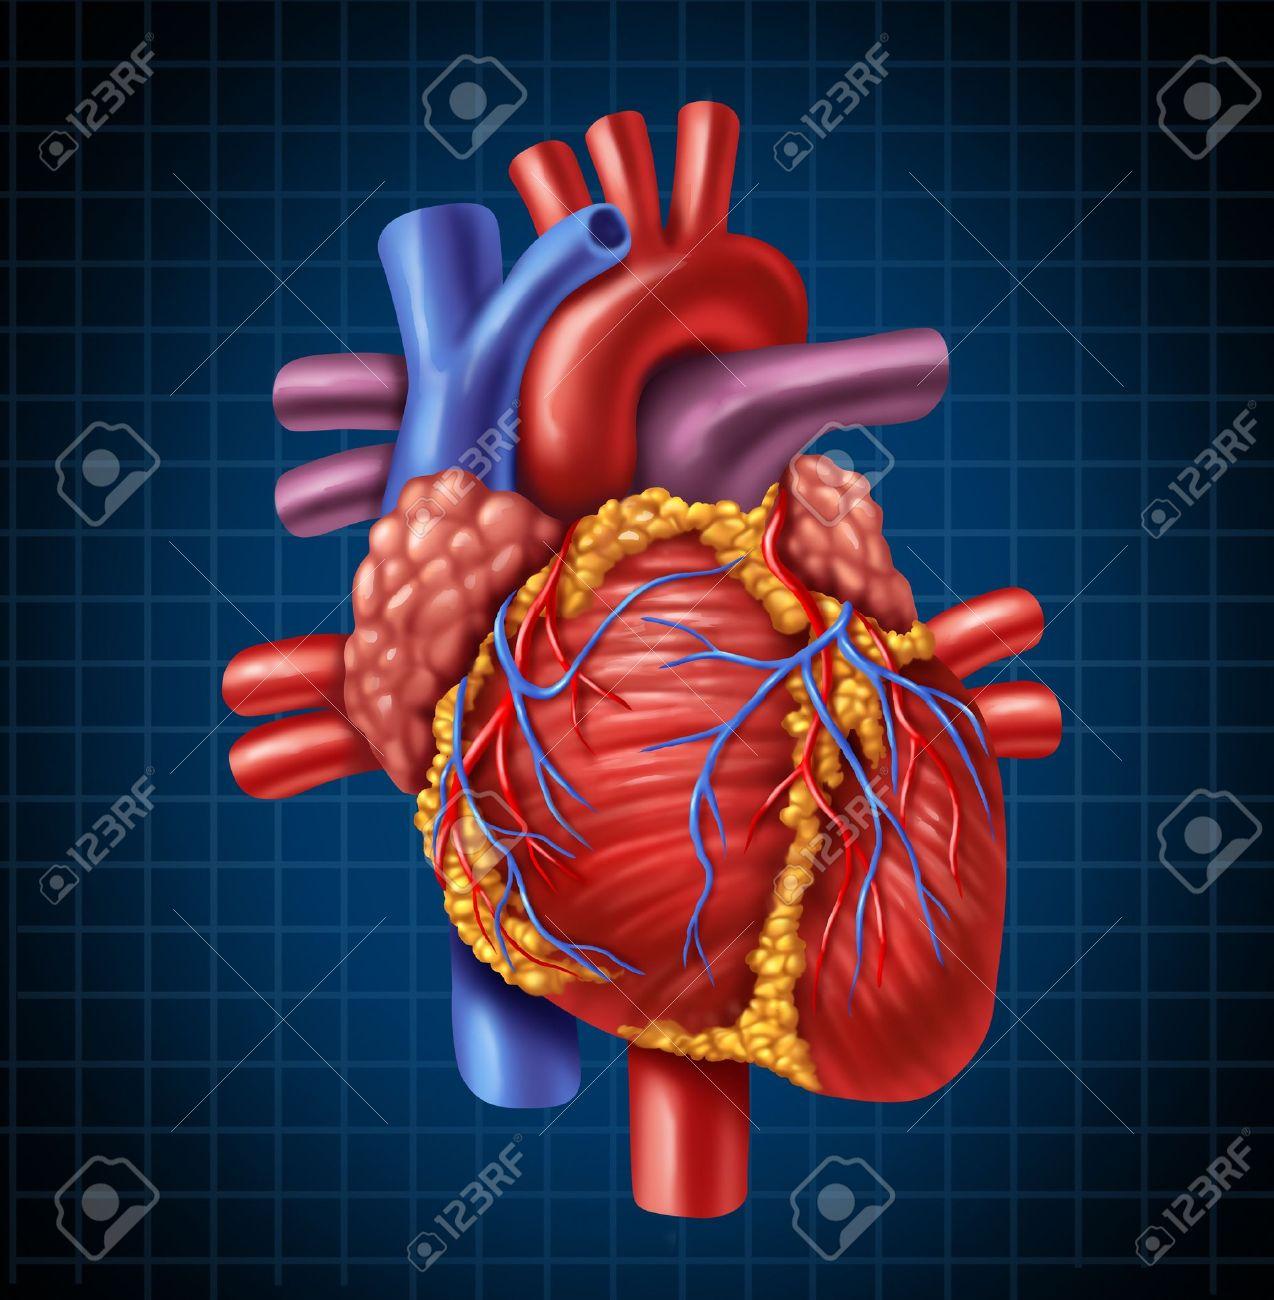 Menschliches Herz Anatomie Von Einem Gesunden Körper Auf Einem ...